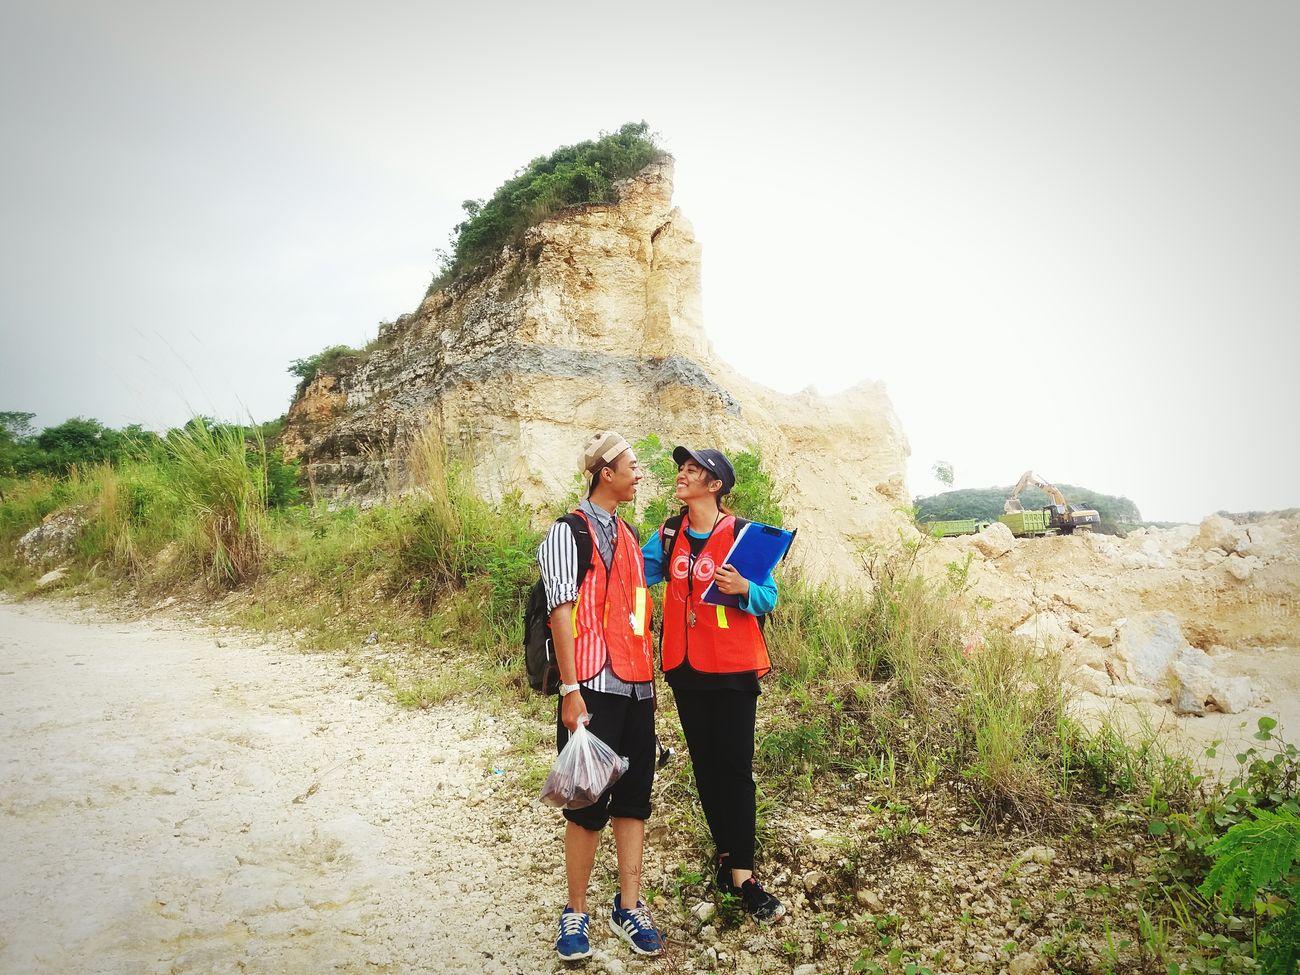 Geoscientist First Eyeem Photo